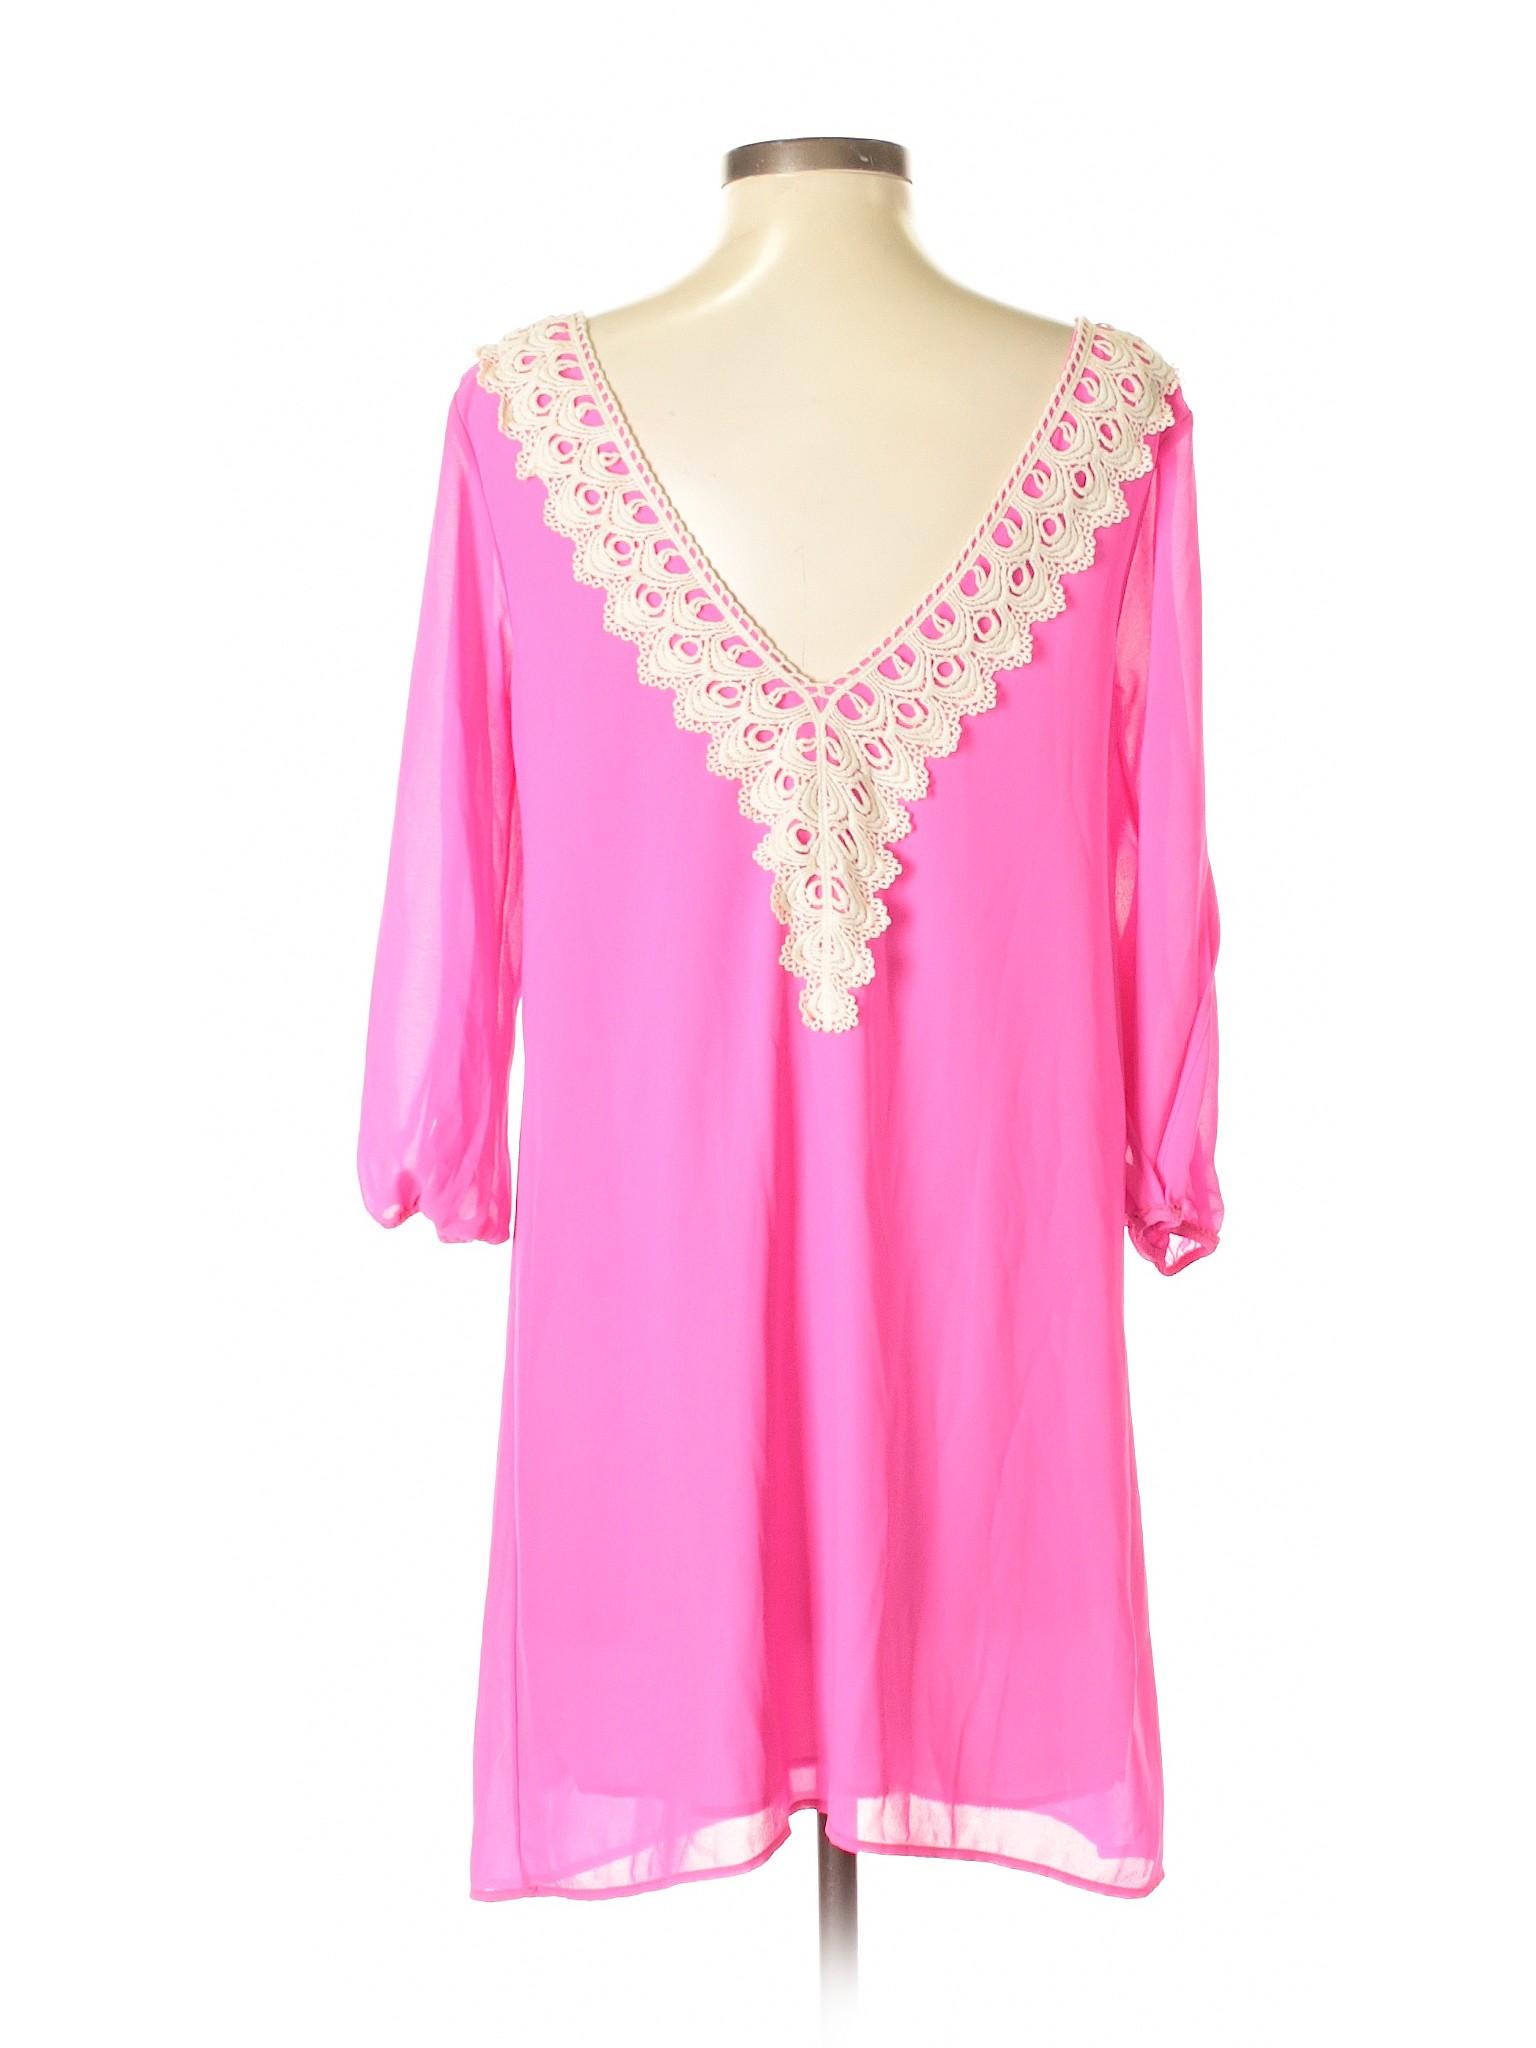 Sage winter Boutique Dress Casual Boutique winter xwq1HZ8g